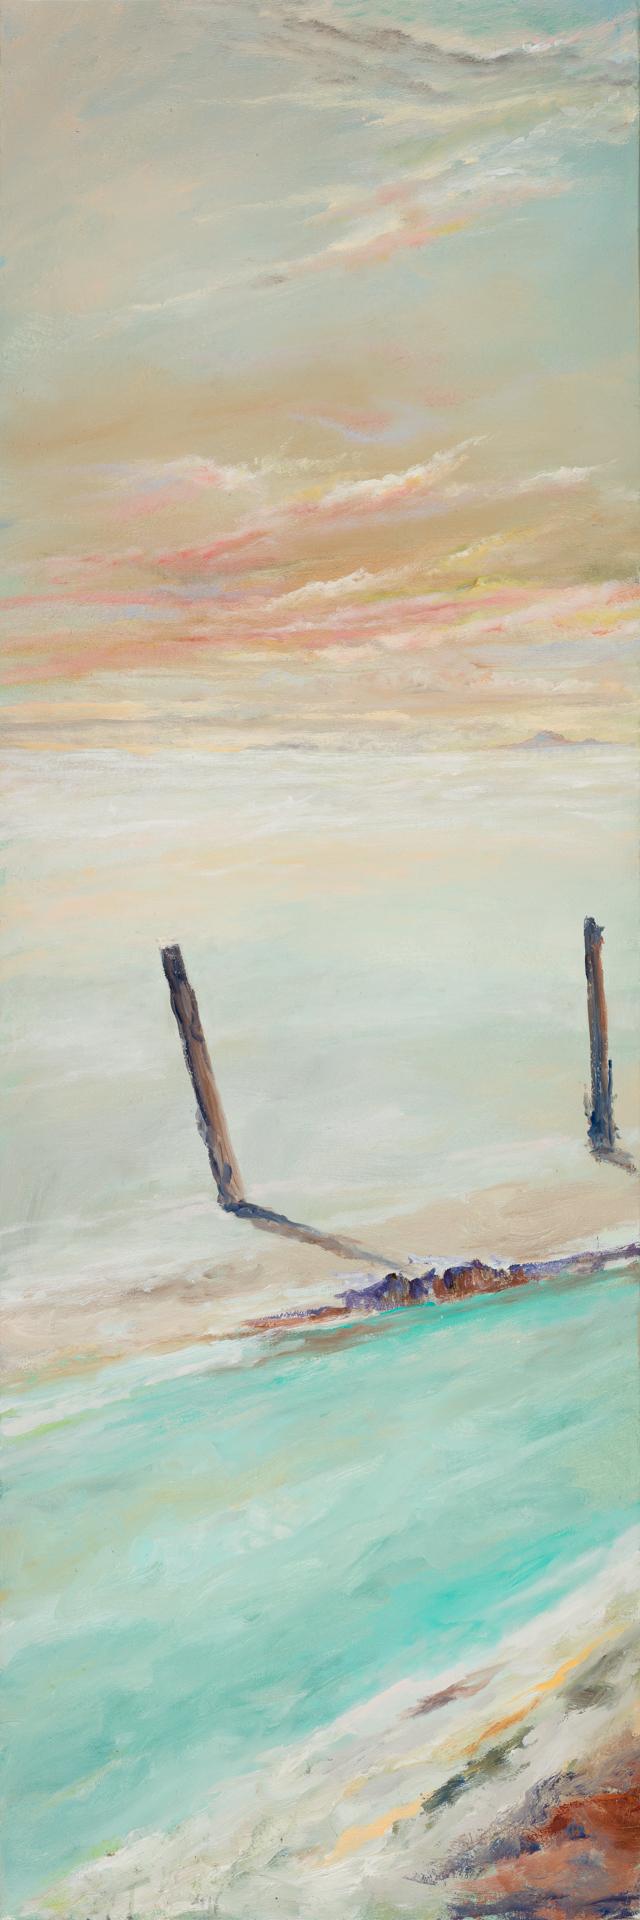 Bonneville Salt Flats Triptych (1 of 3)_zap.jpg